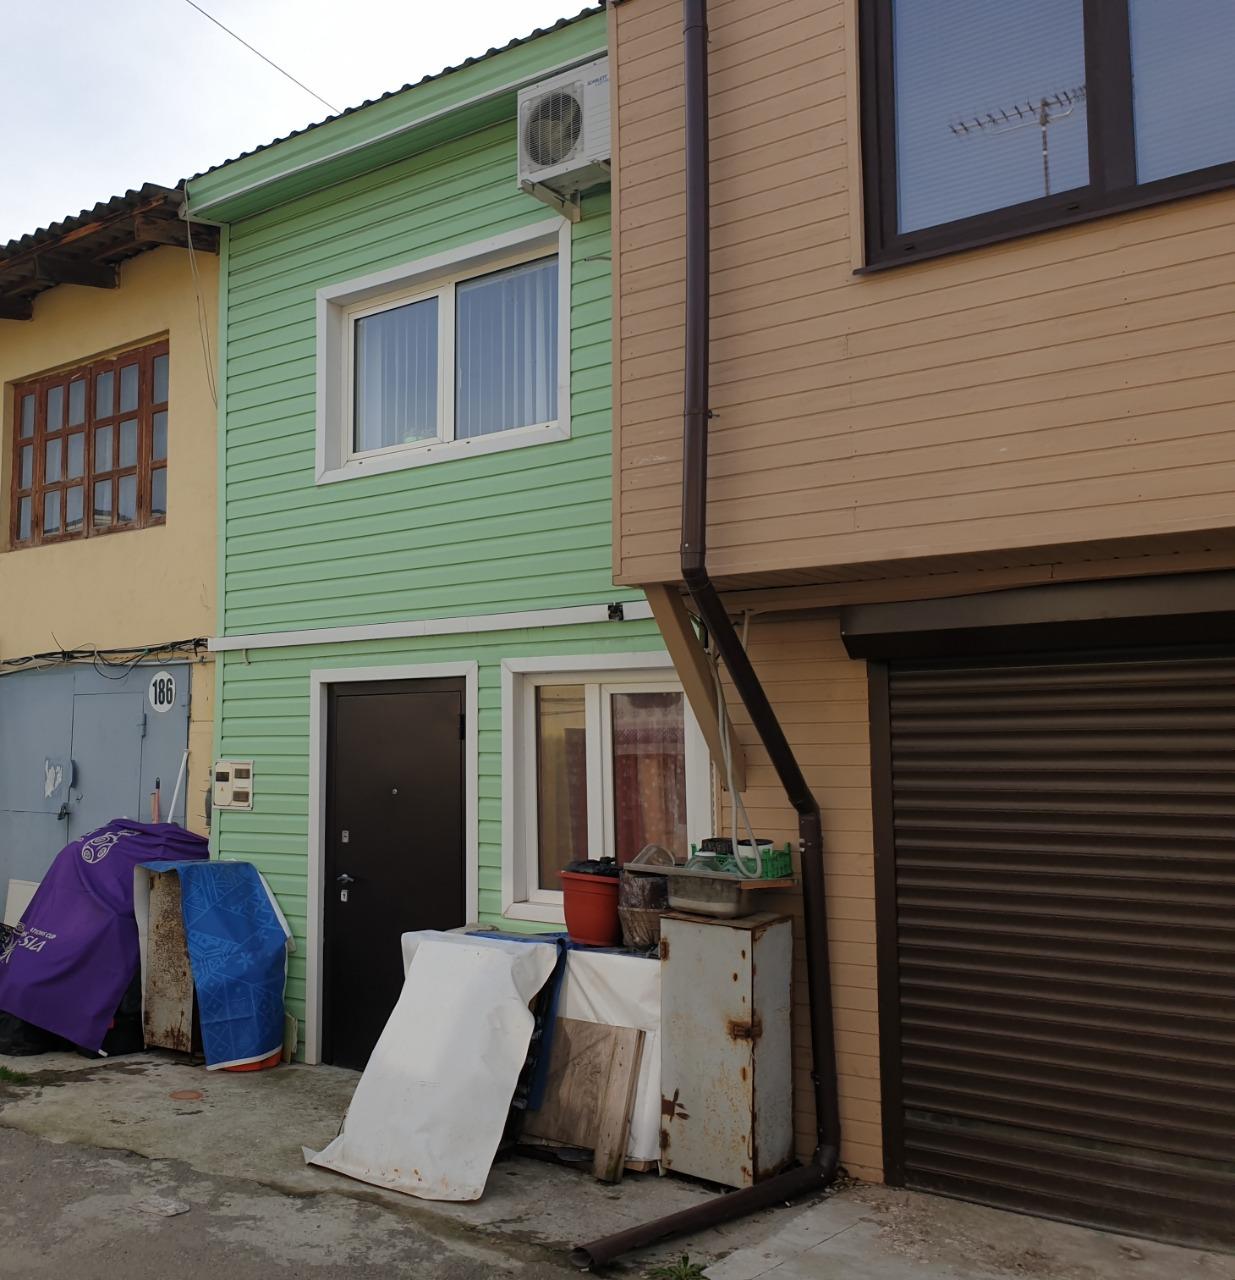 Продам - Жилой гараж в центре Адлера -Авиационная - цена: 2 300 000